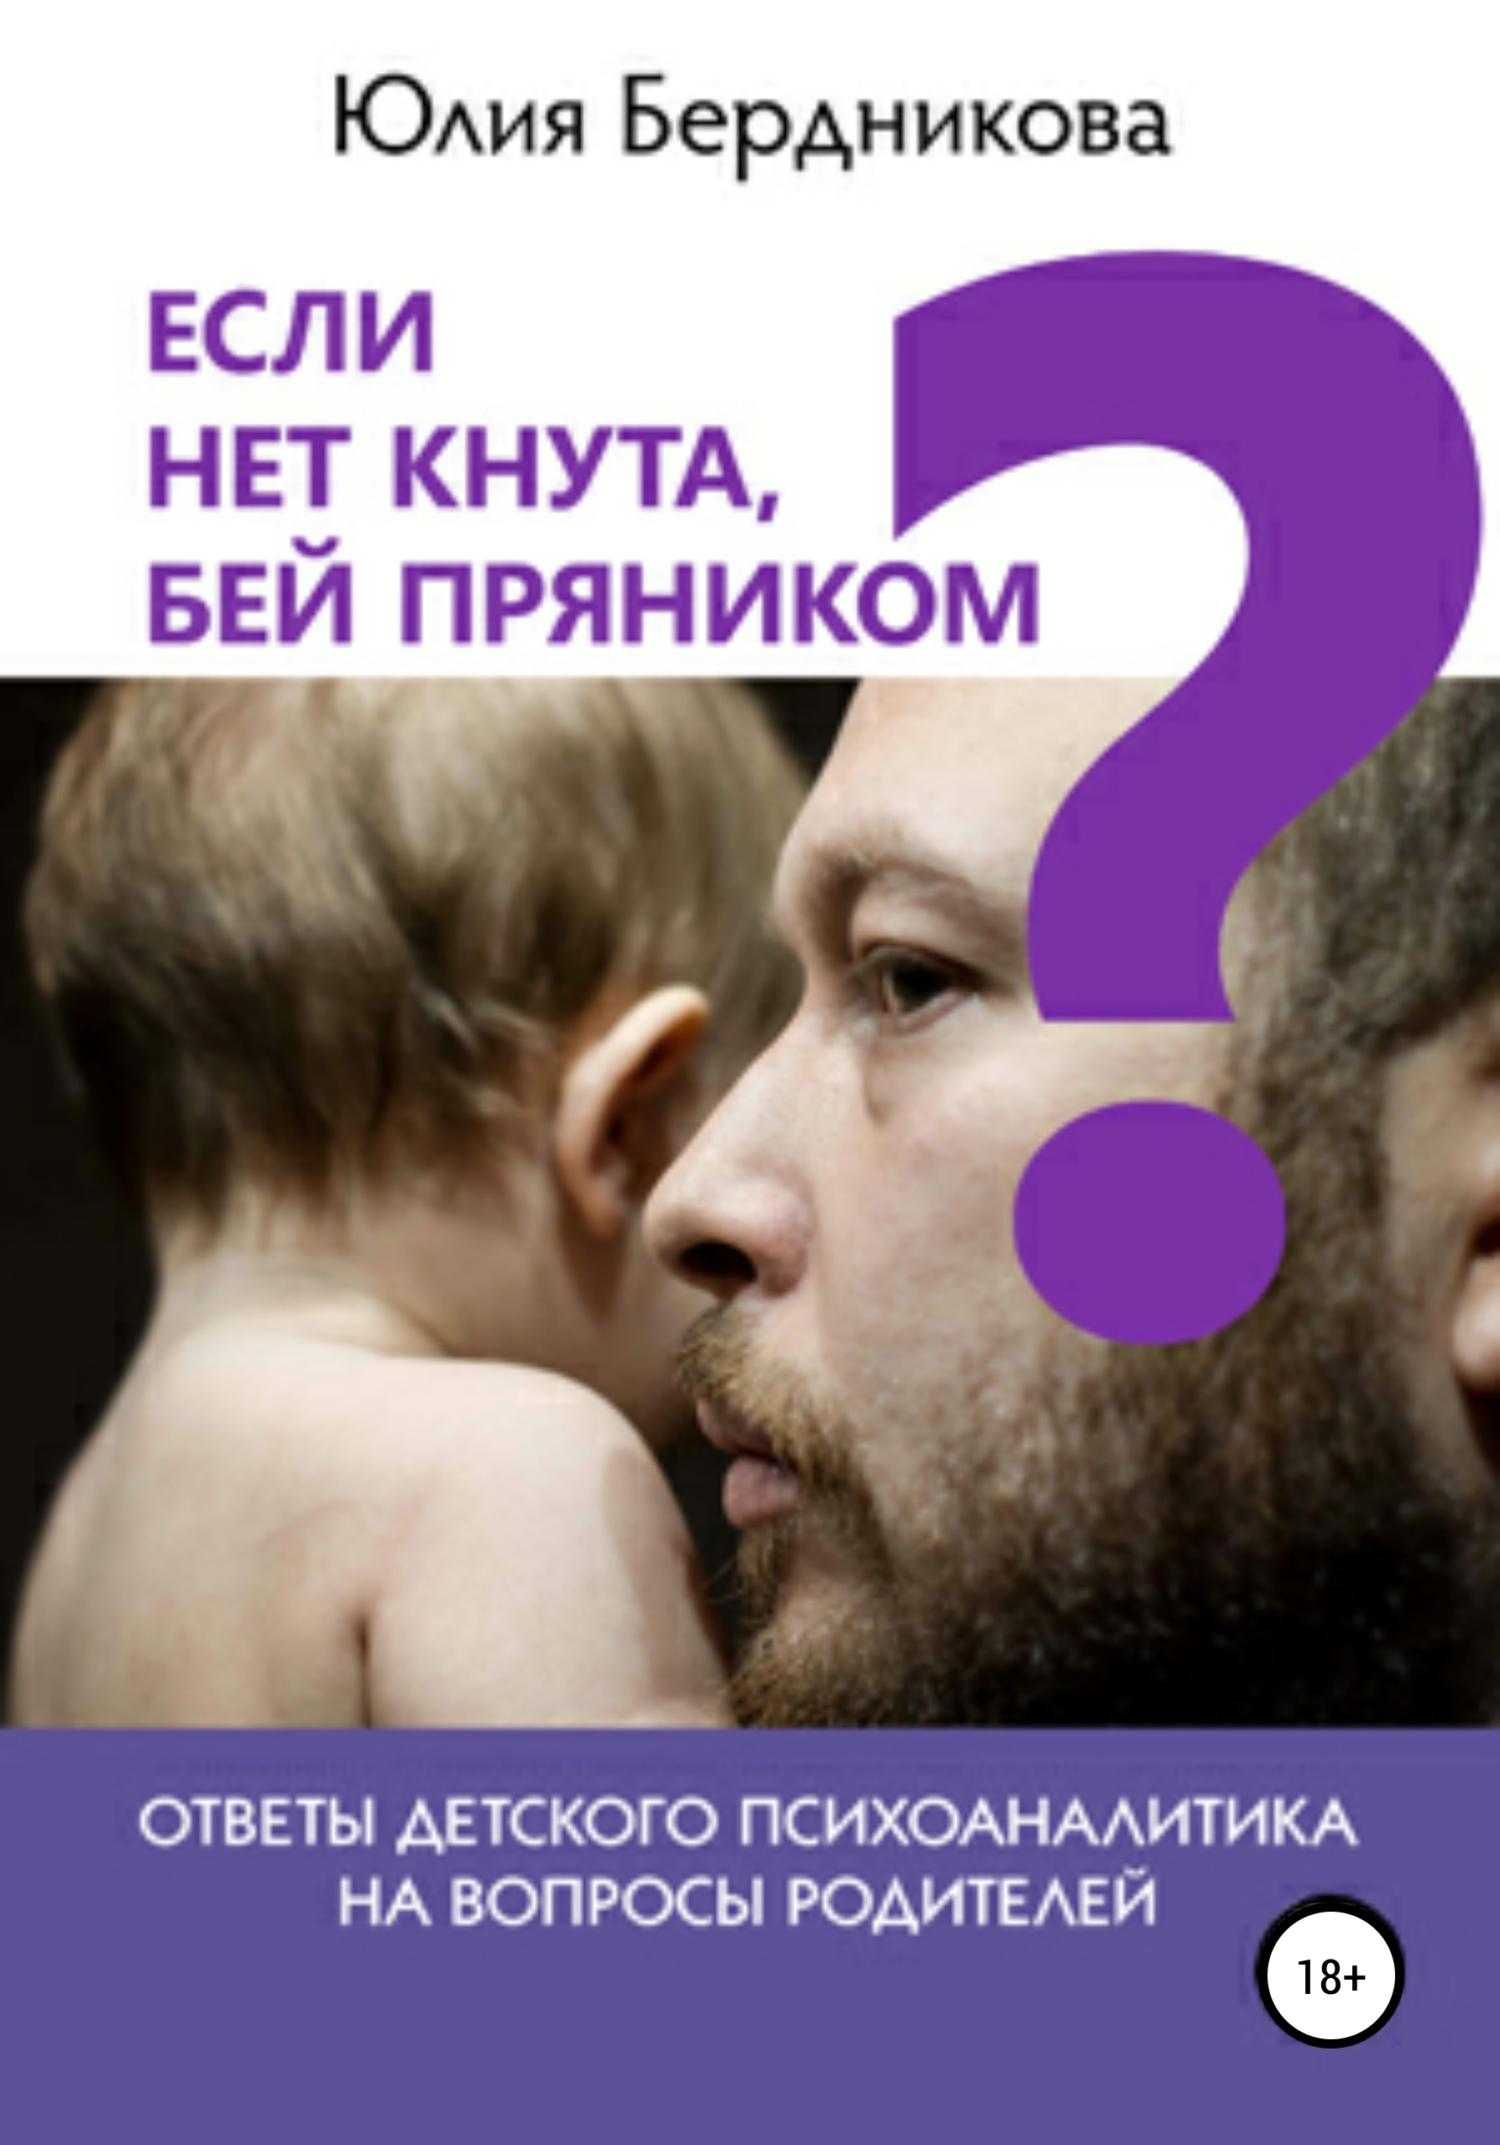 Если нет кнута, бей пряником? Ответы детского психоаналитика на вопросы родителей